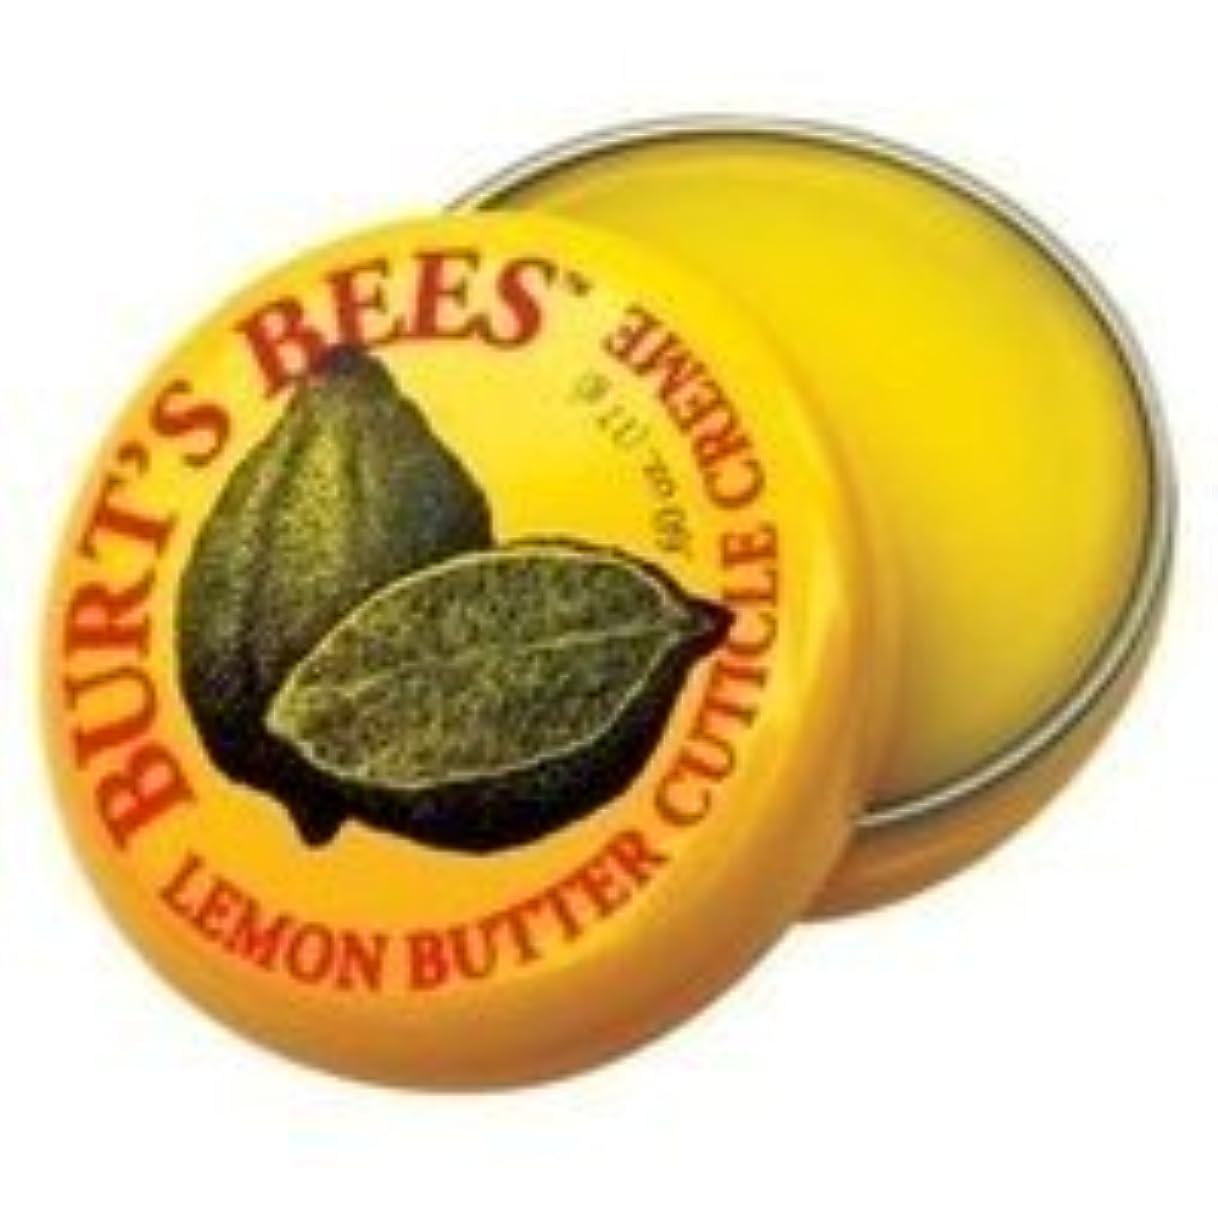 植物の評価がんばり続けるバーツビー(バーツビーズ) レモンバターキューティクルクリーム 17g 2個セット